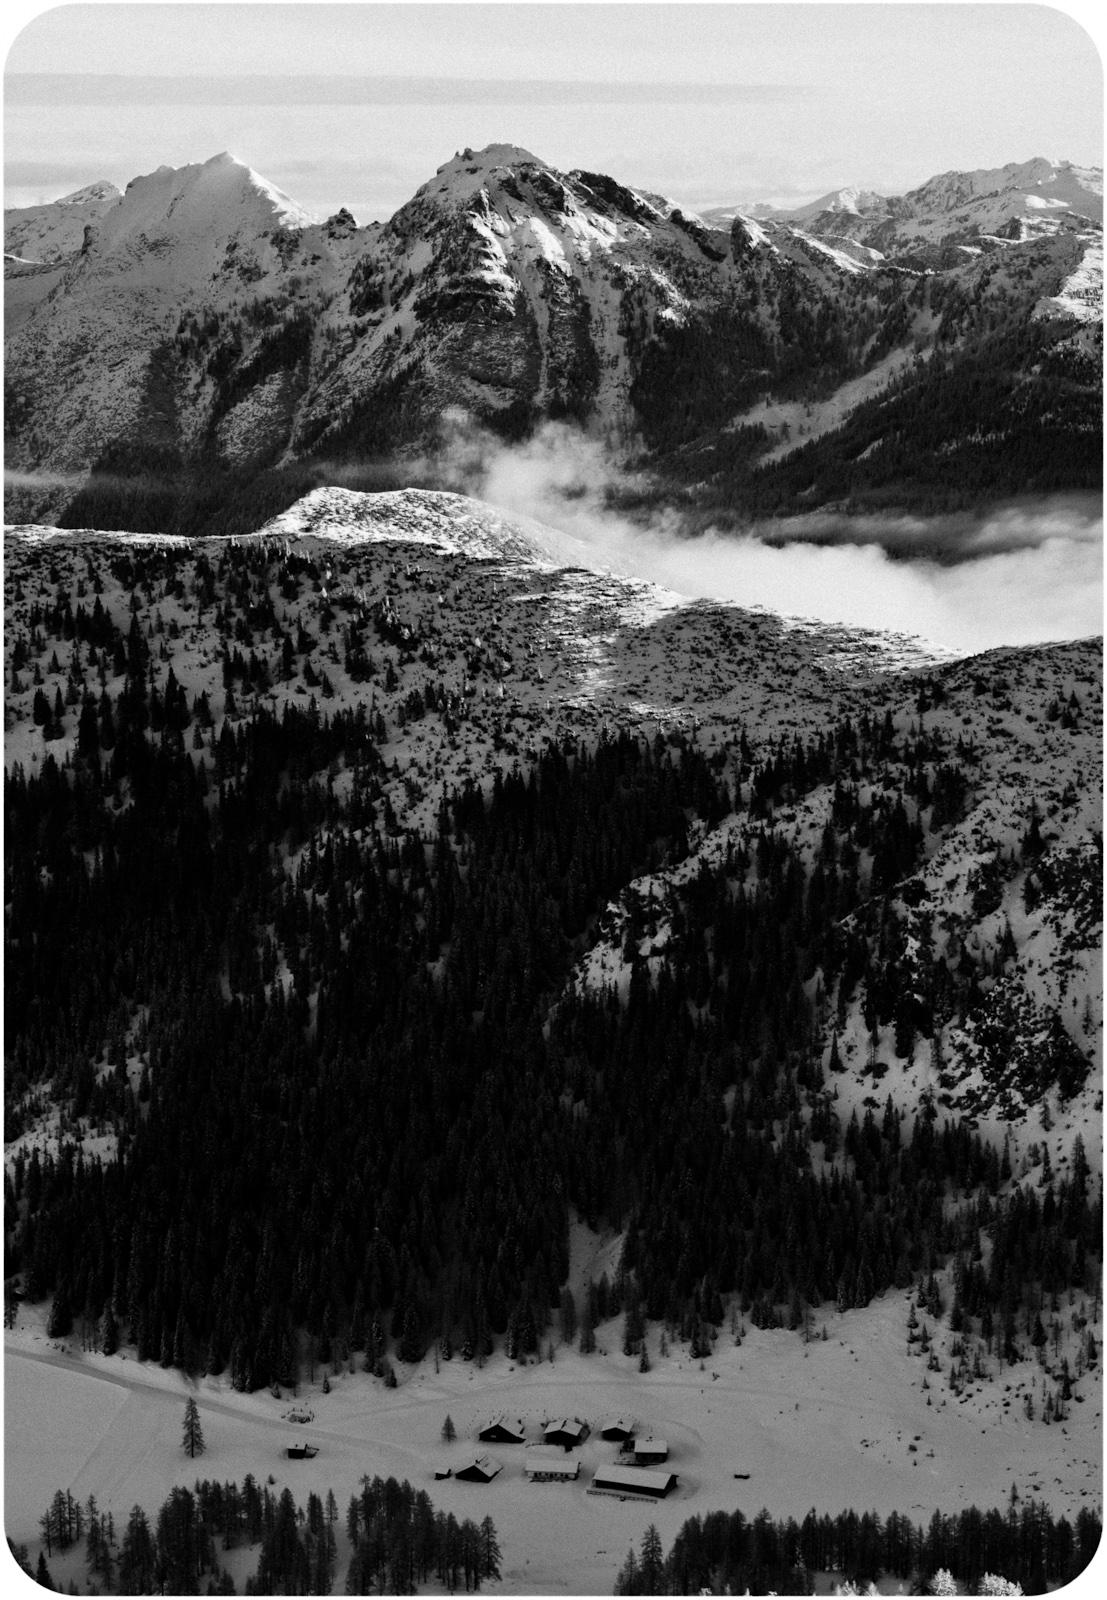 Górska fotografia krajobrazowa. Zauchensee zimą, Austria, Alpy. fot. Łukasz Cyrus